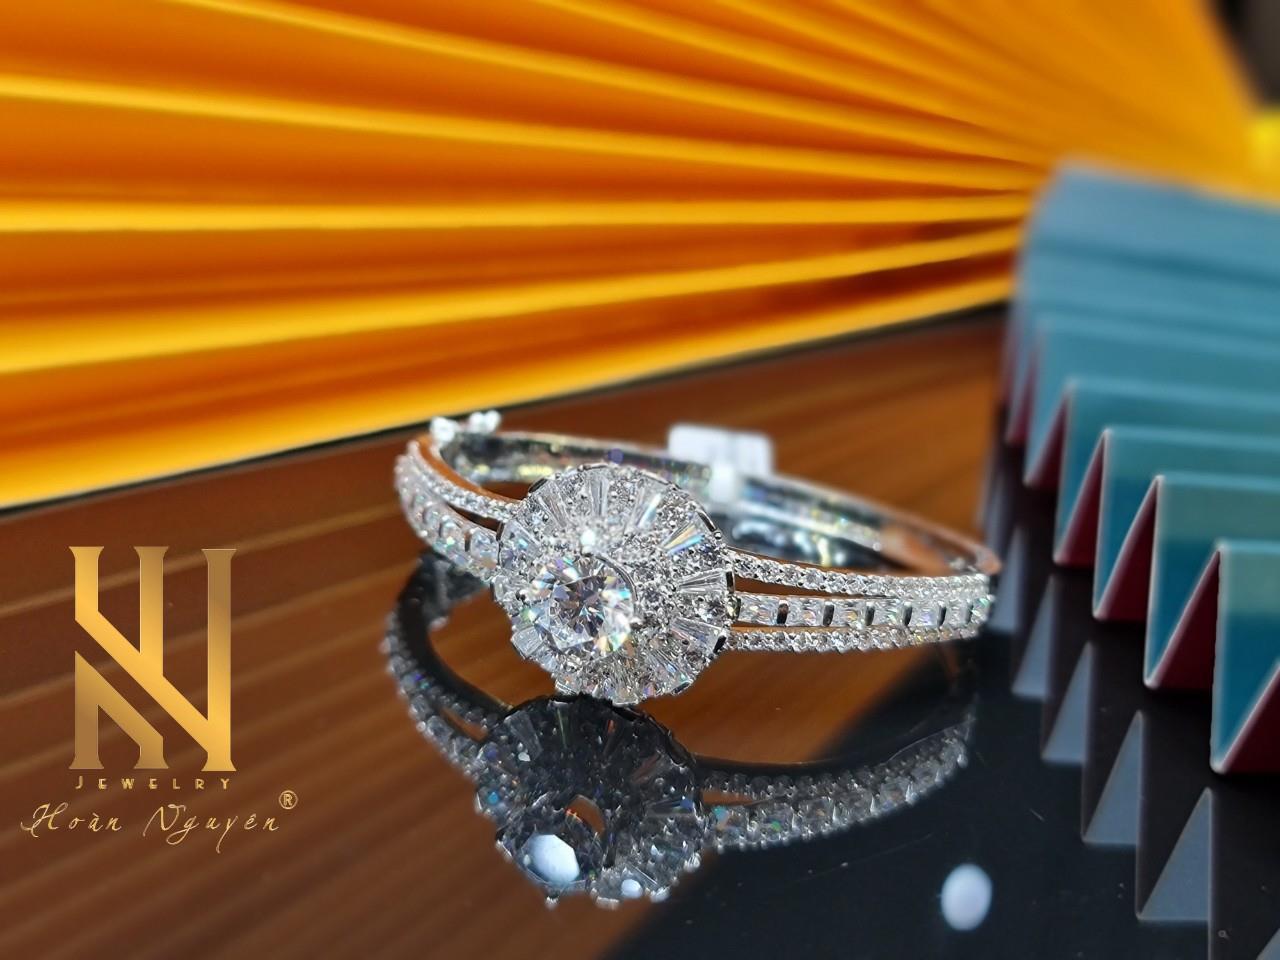 Hoàn Nguyên Jewelry - Khẳng định phong cách cùng trang sức cao cấp - Ảnh 4.